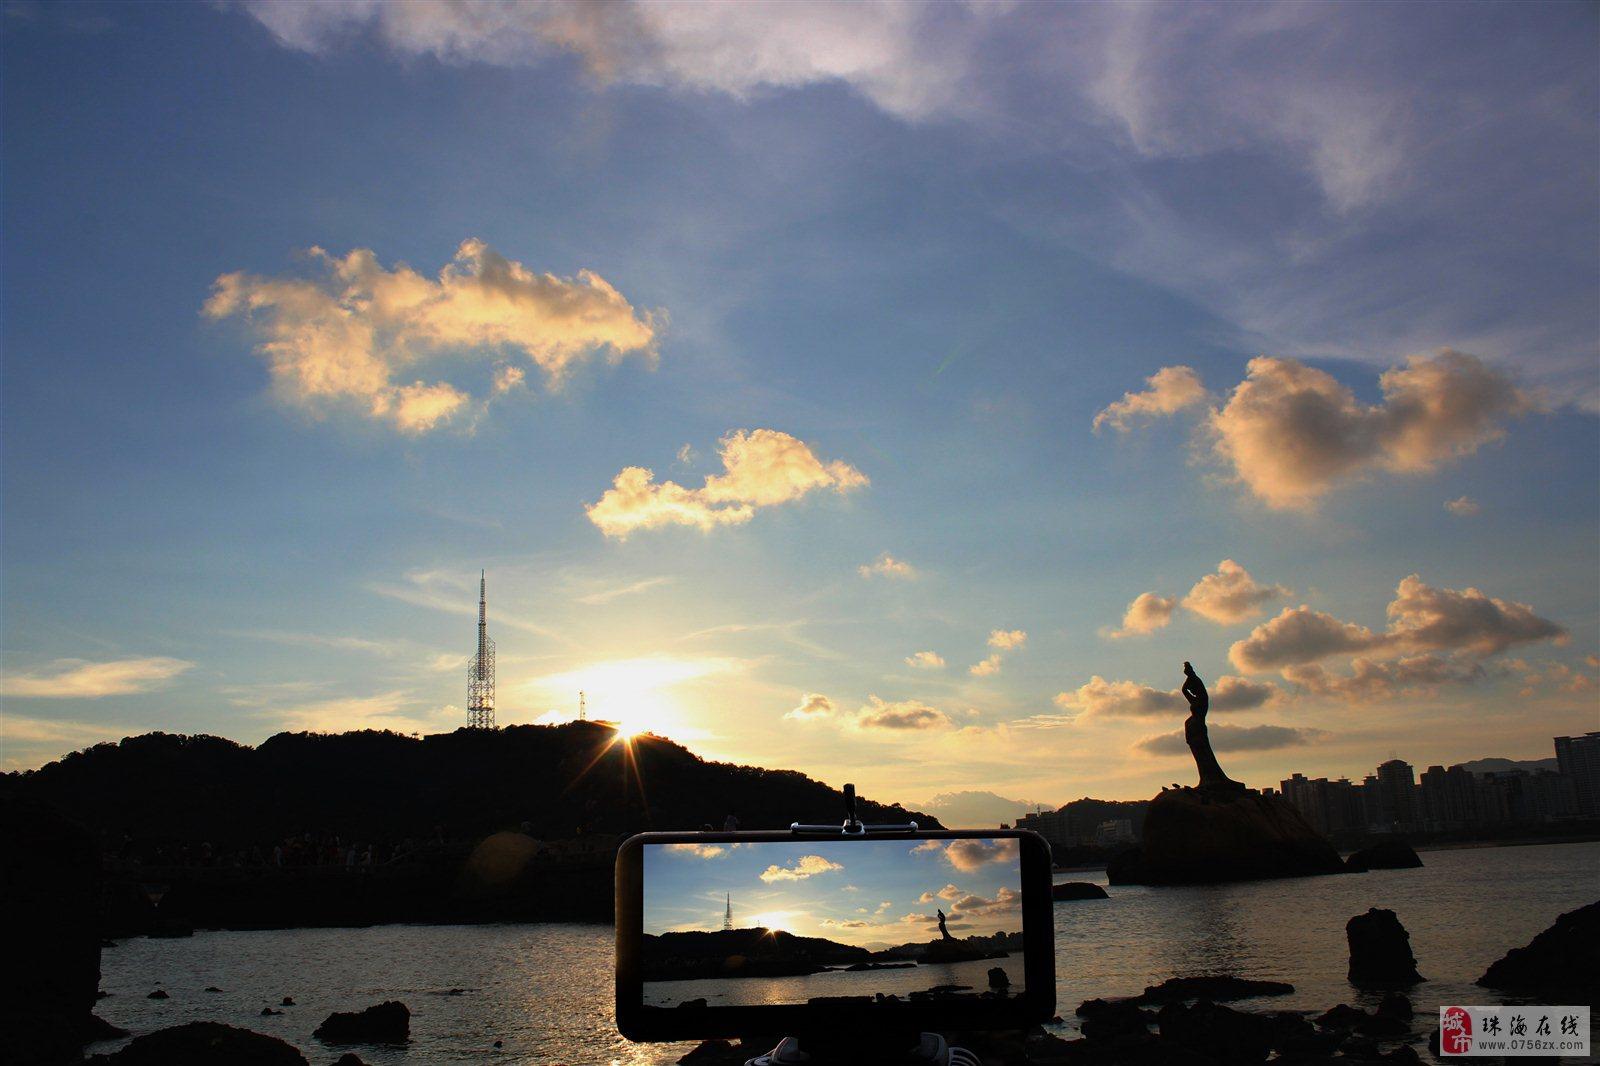 珠海天空出现五彩云,珠海渔女更迷人